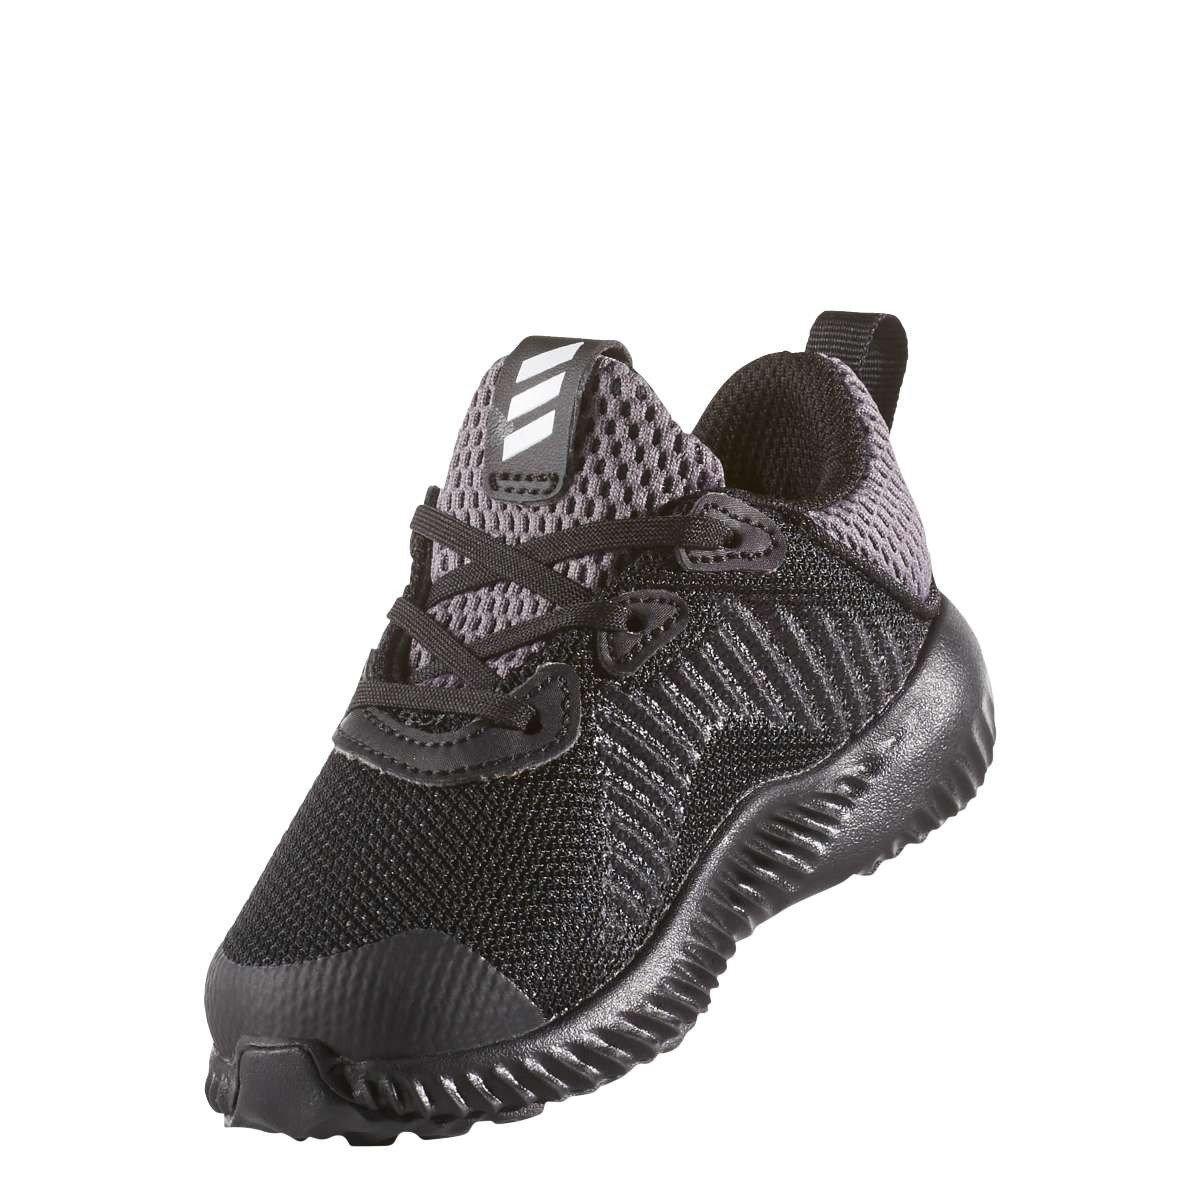 Adidas Alphabounce I, Pantofole Unisex – Bimbi 0-24